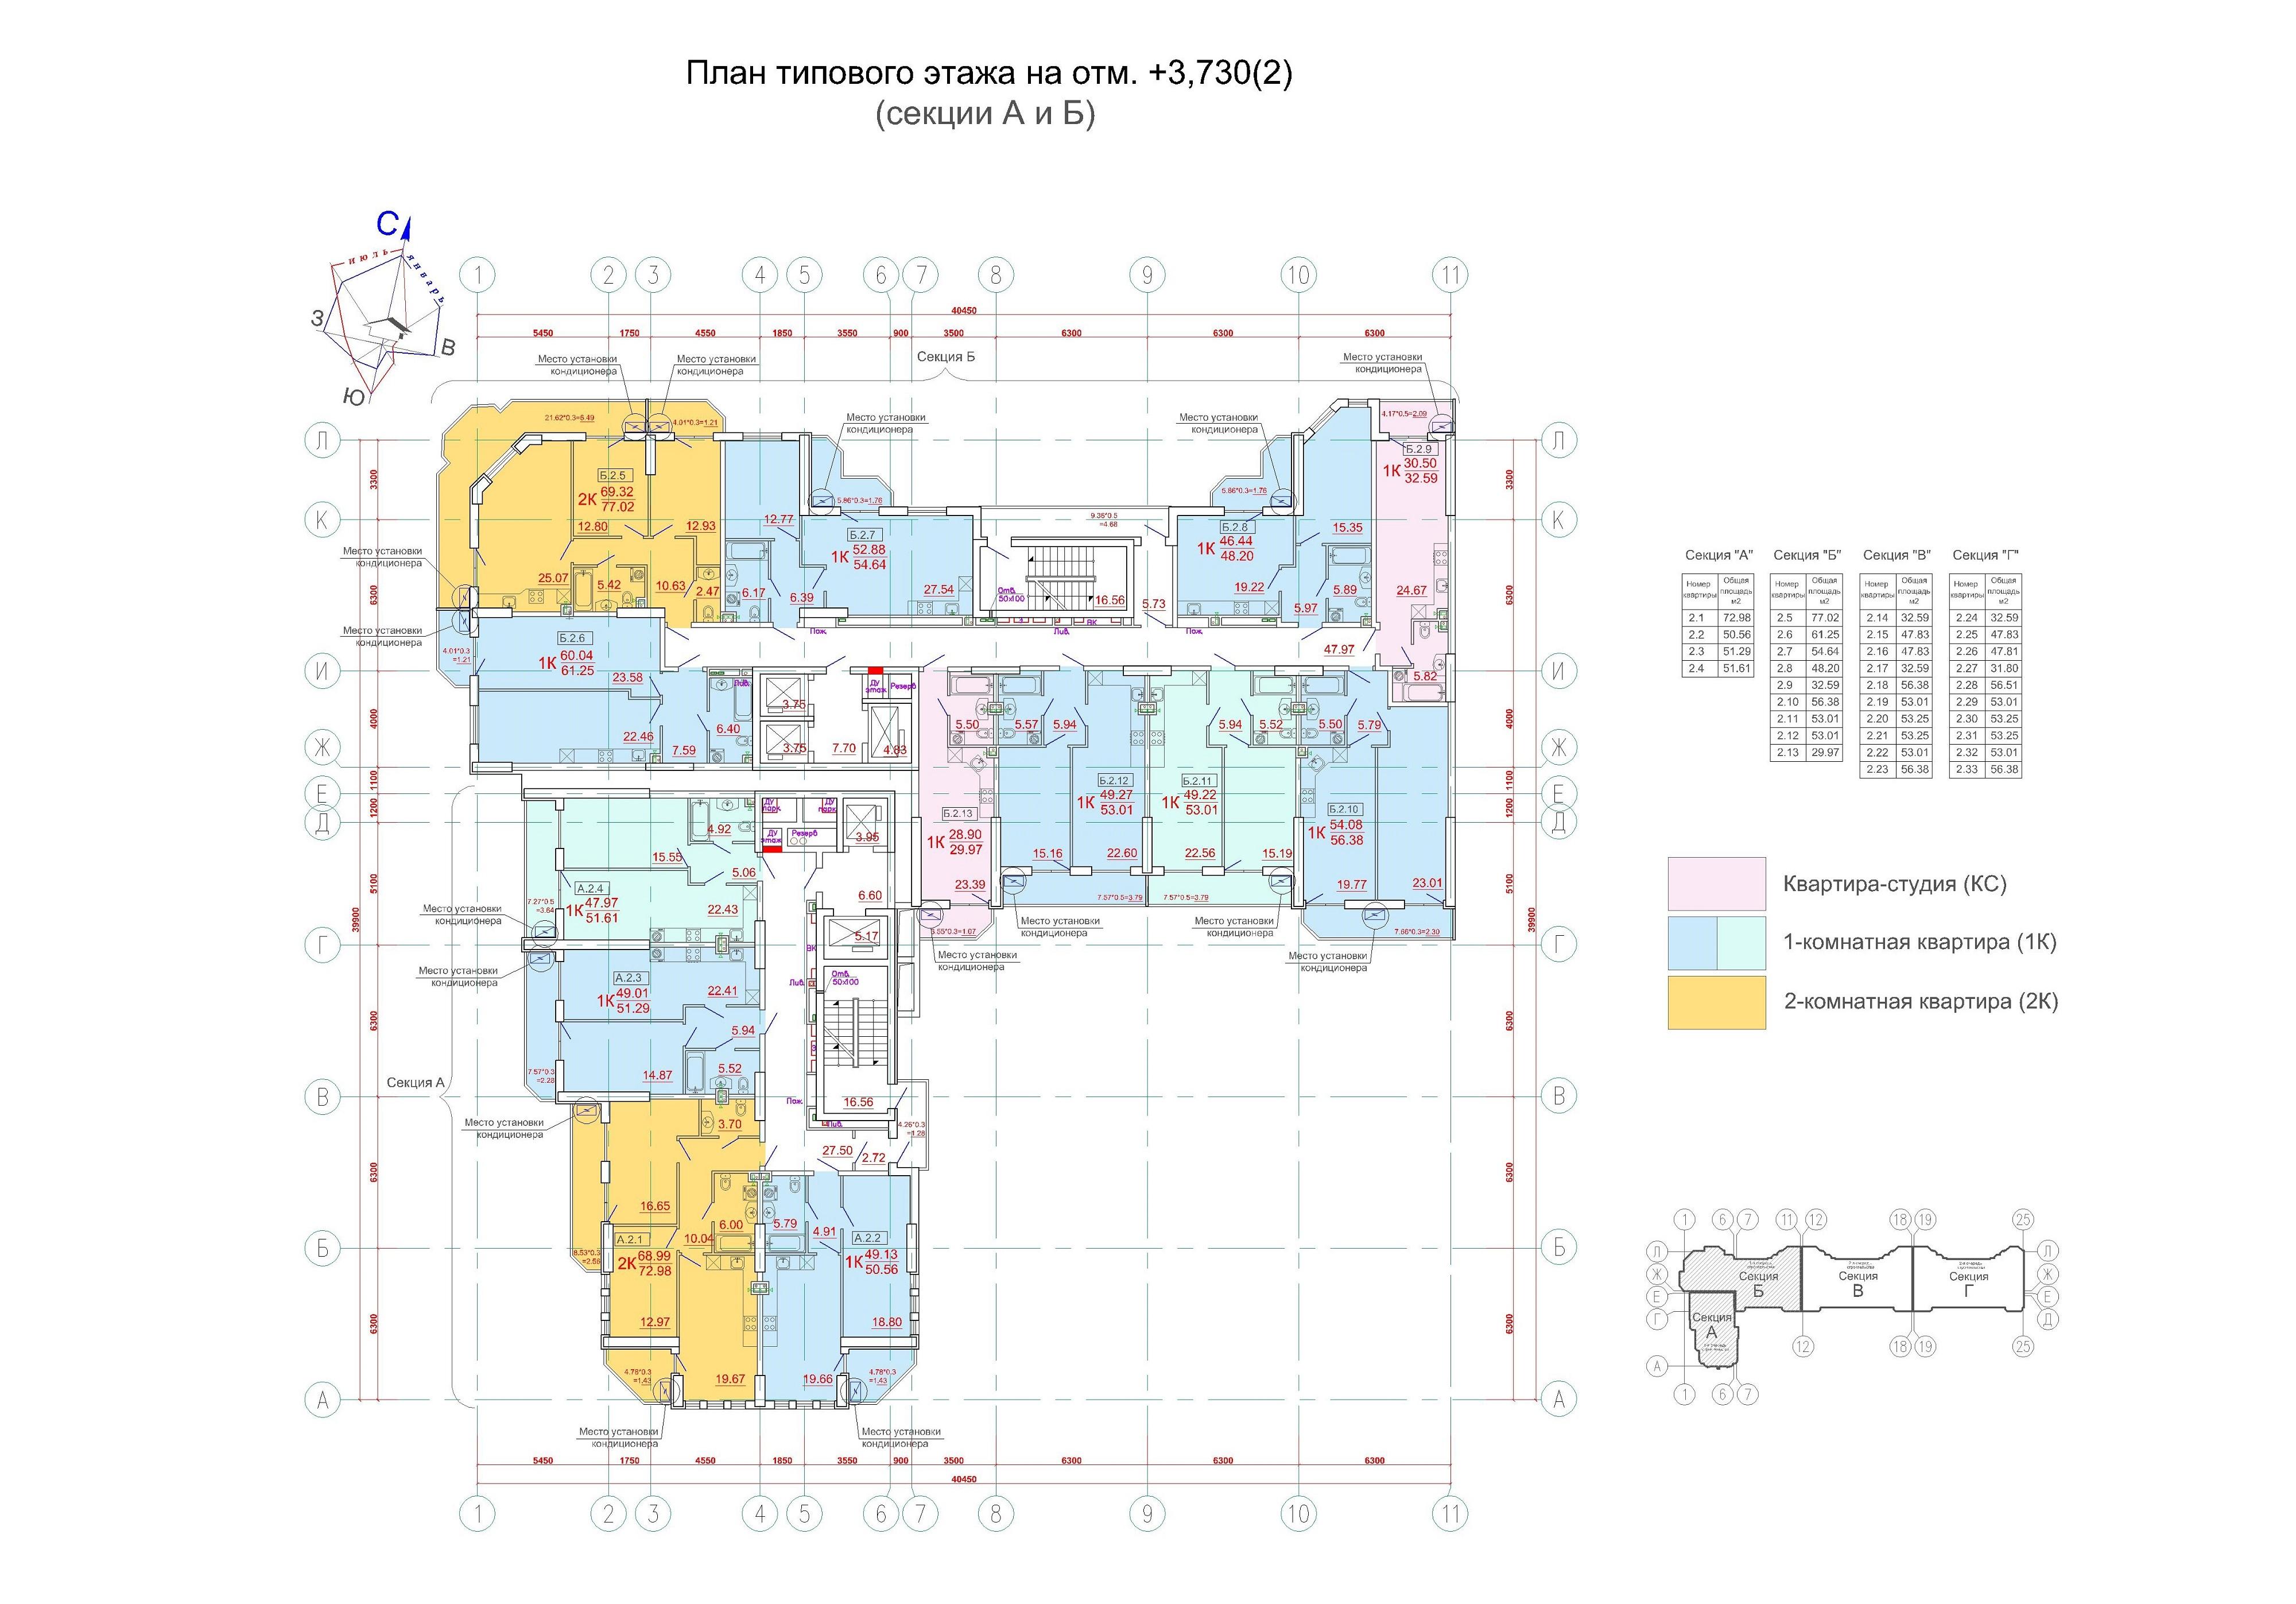 ЖК Родос Аркадия План типового этажа, секция А и Б